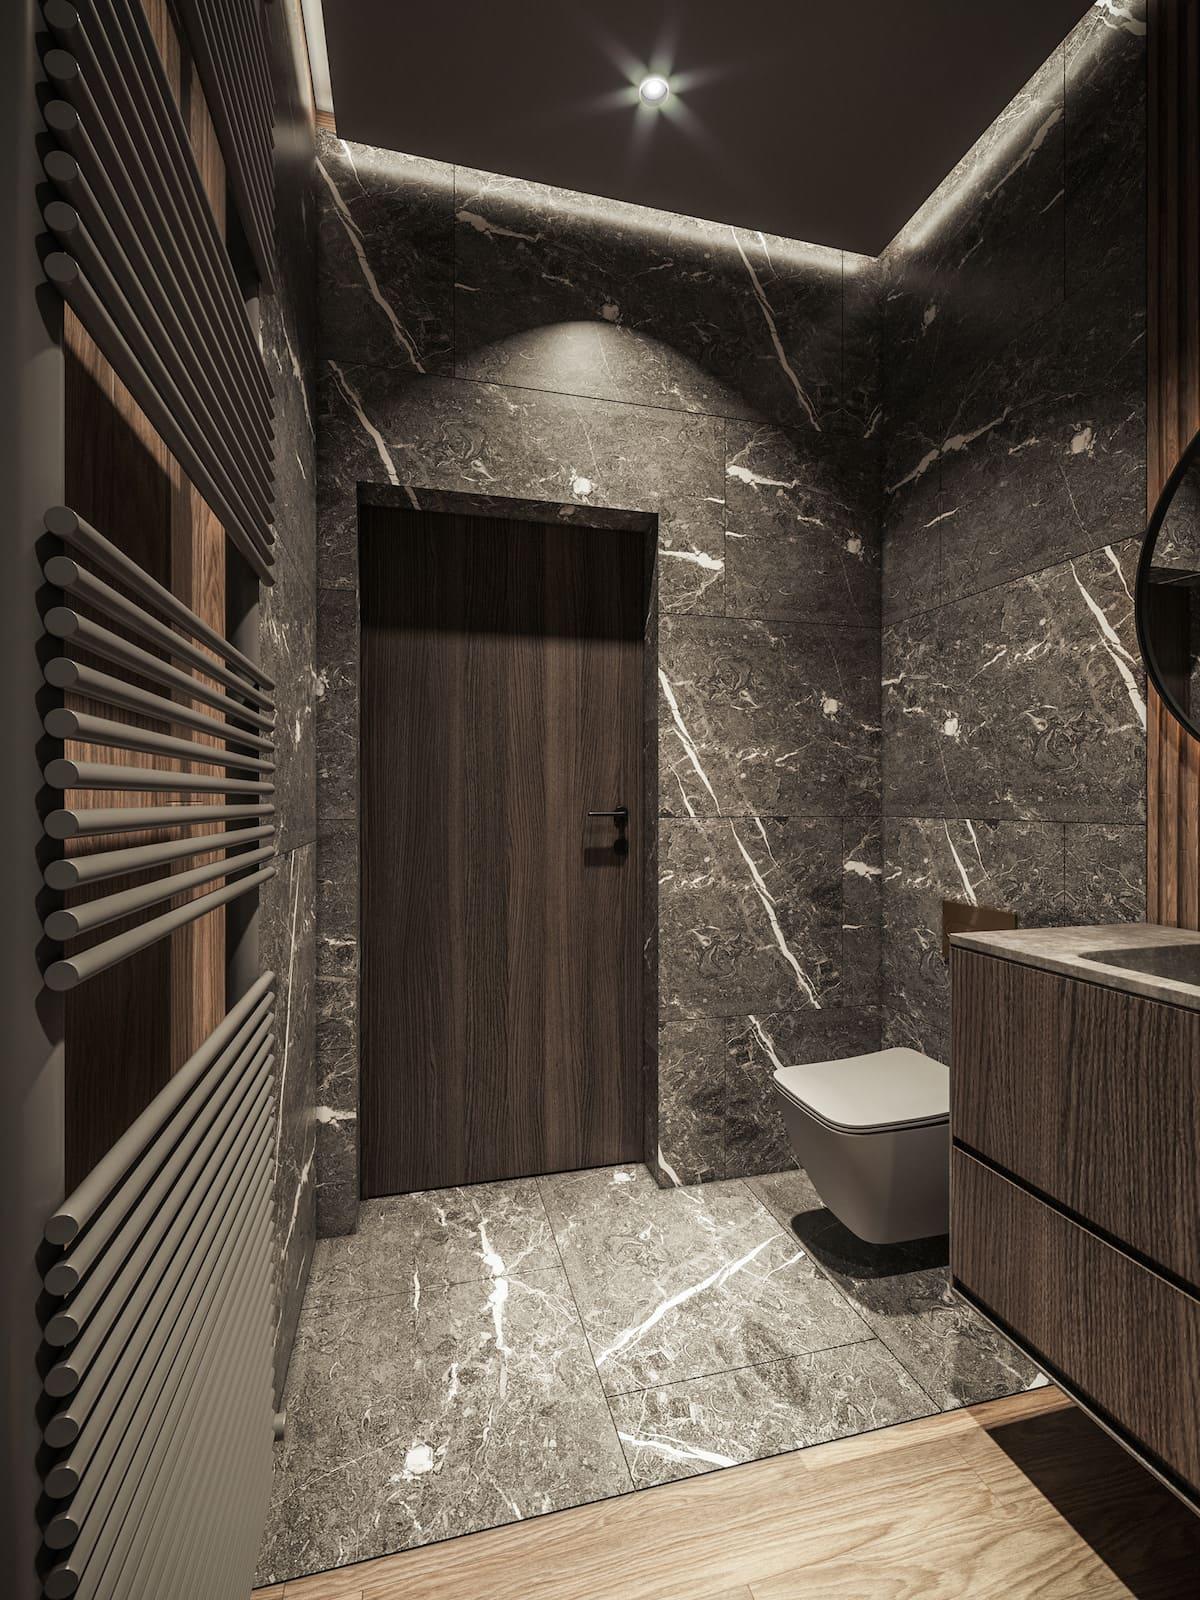 дизайн интерьера ванной комнаты фото 69